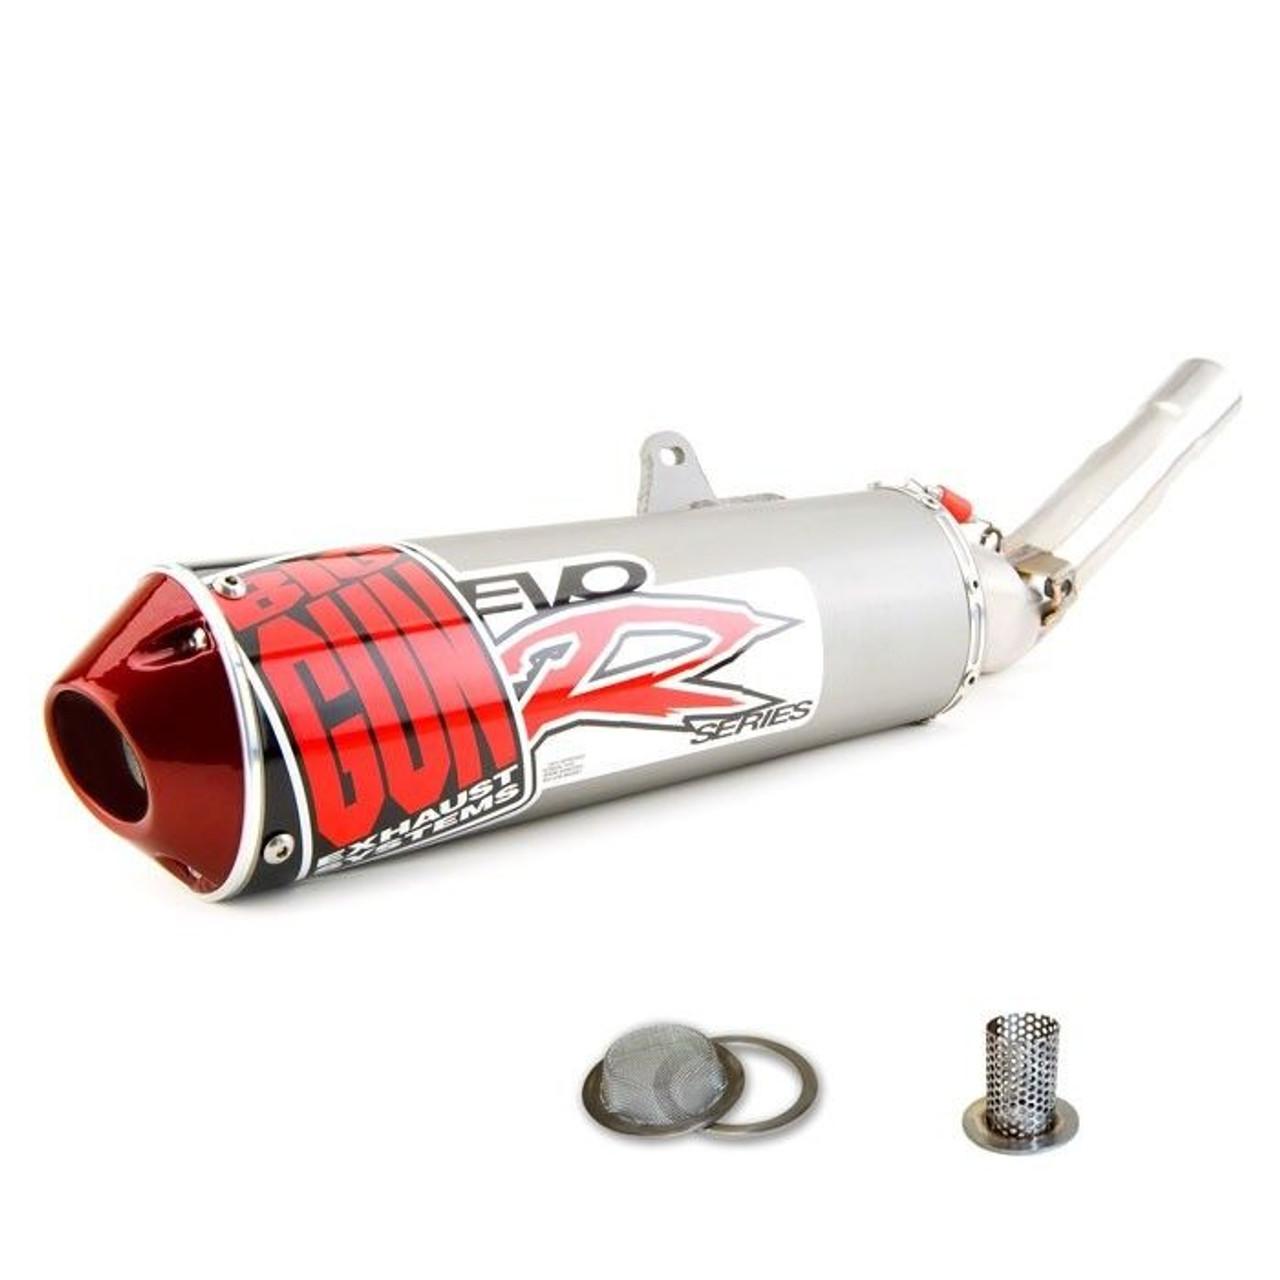 Big Gun Exhaust Evo R Slip-On Klx400R Klx400 Drz400s Drz 400s 400 09-5412